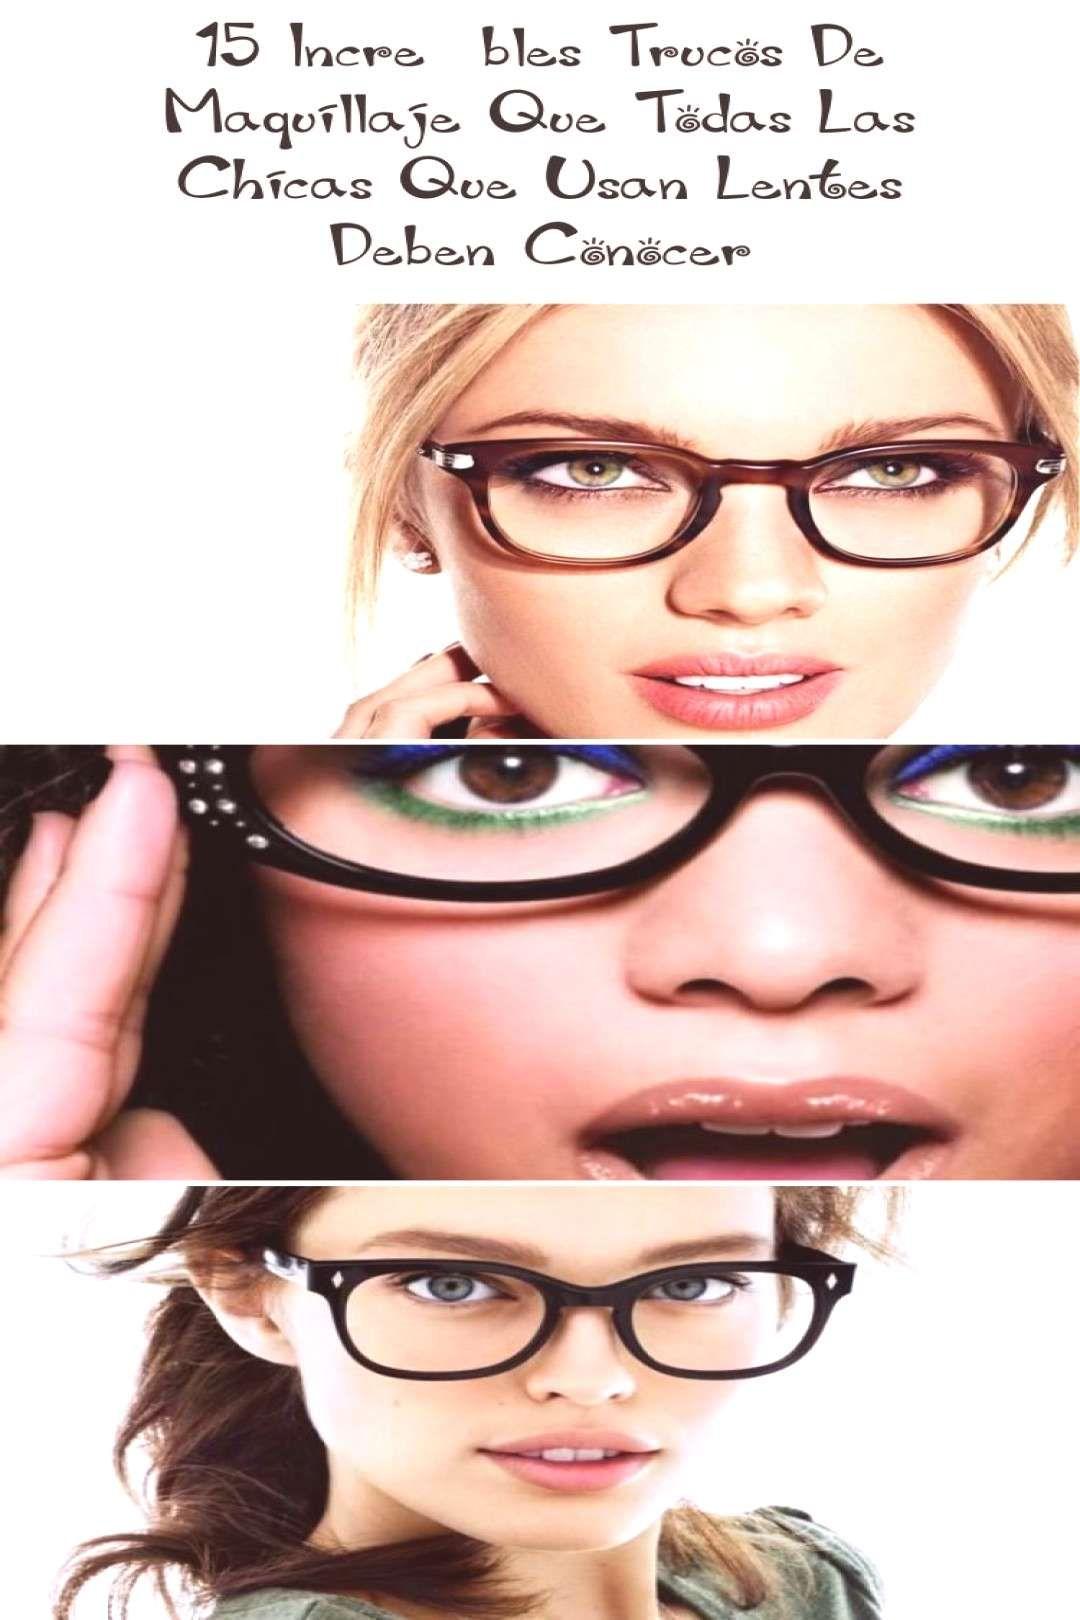 10 Trucos de maquillaje para chicas